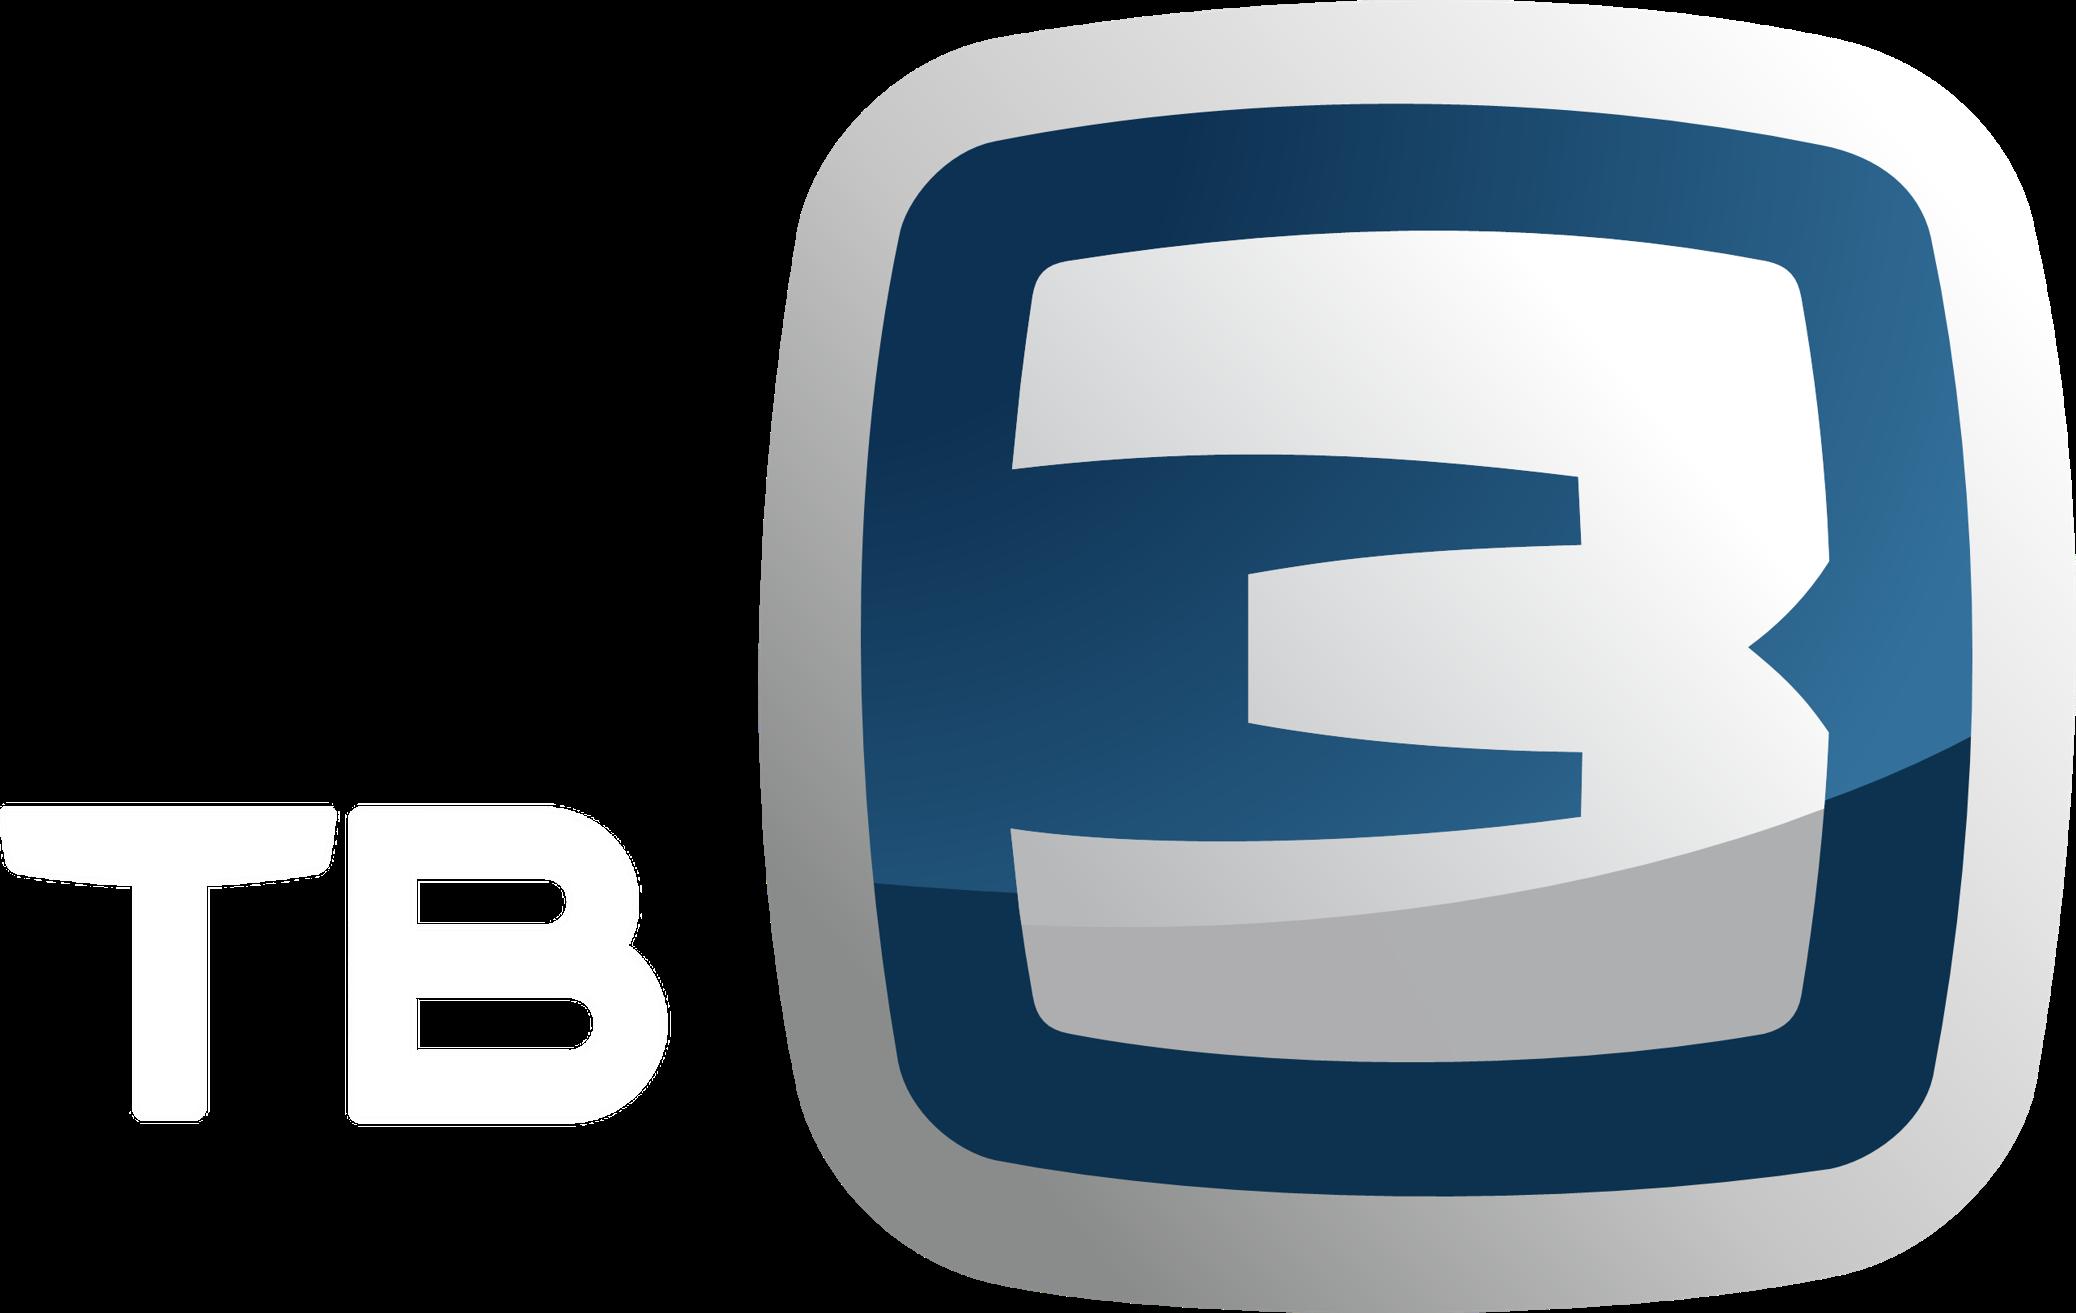 ТВ3 (2011-2012) (использовался в эфире)